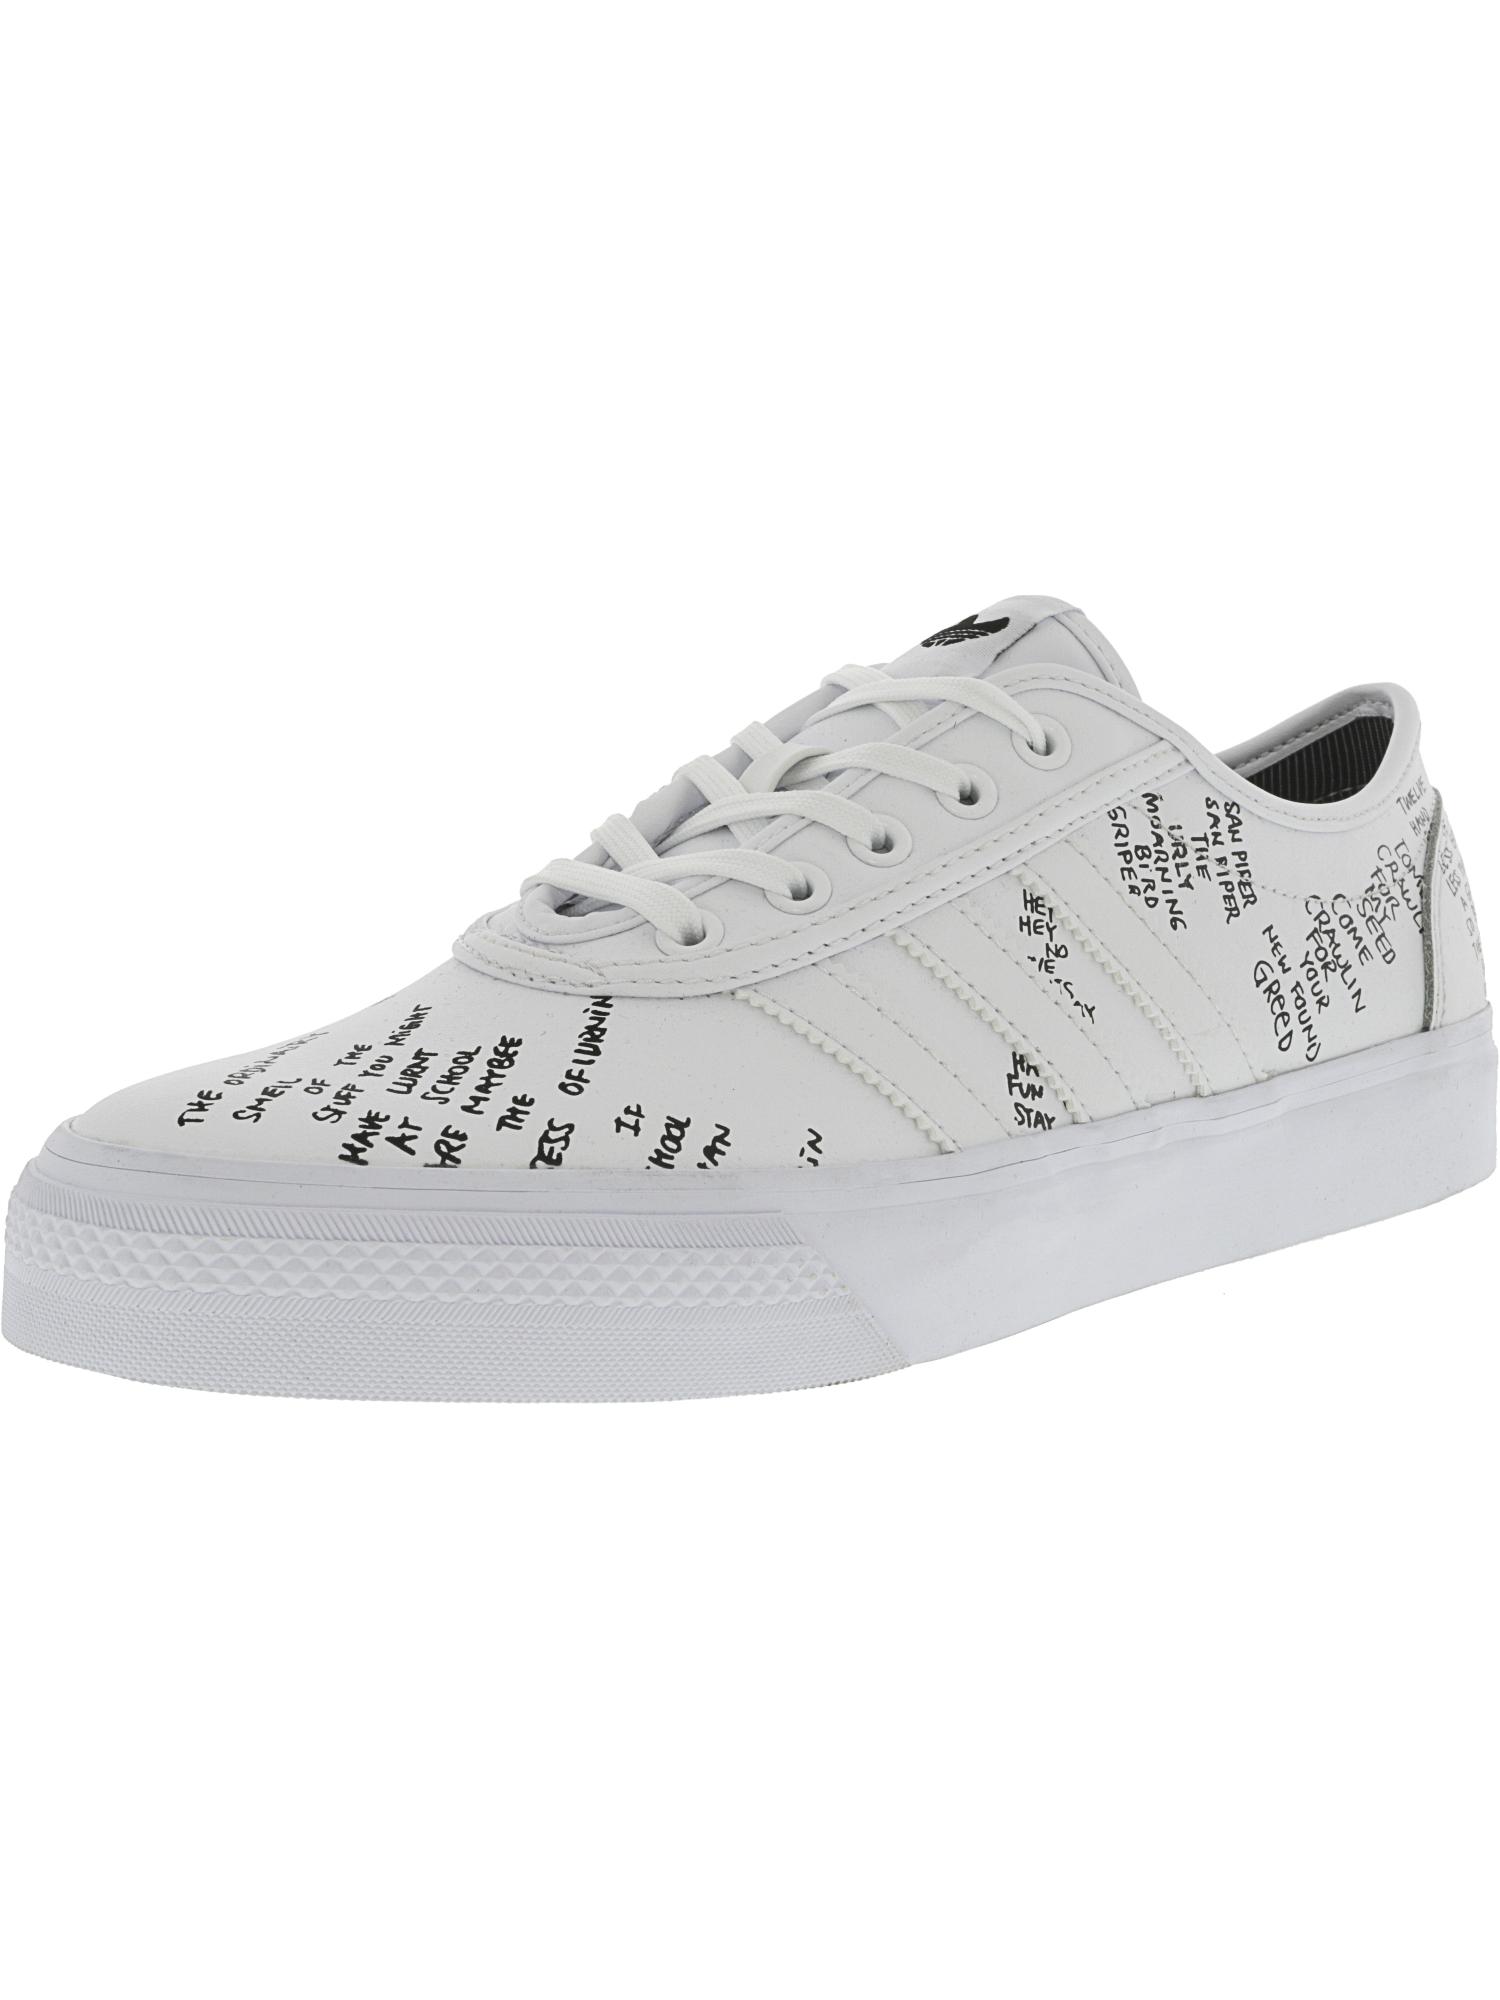 Adidas moda uomini classificati caviglia alta moda Adidas di cuoio dga - scarpa 5de92b